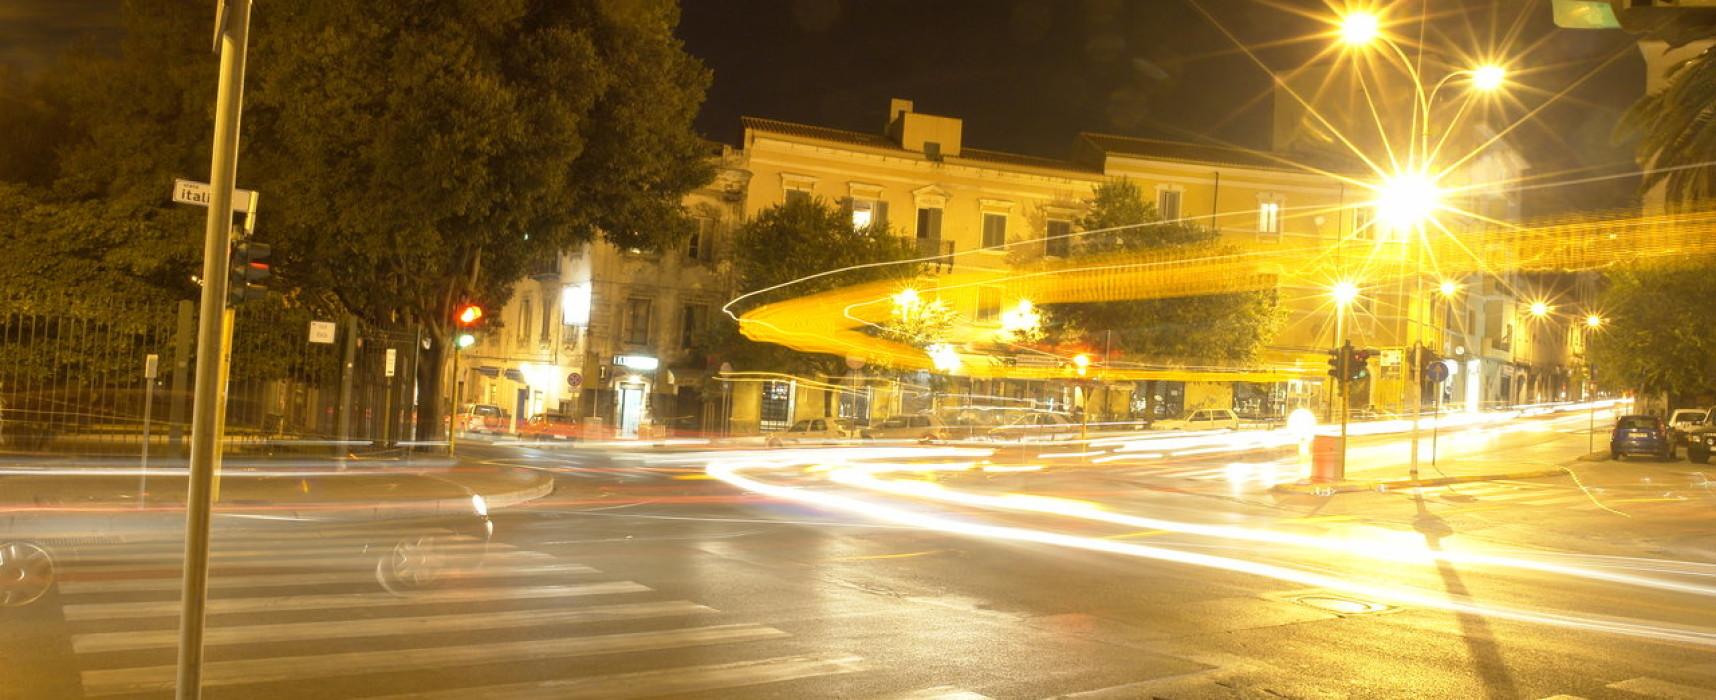 Semafori lampeggianti: il traffico scorre!